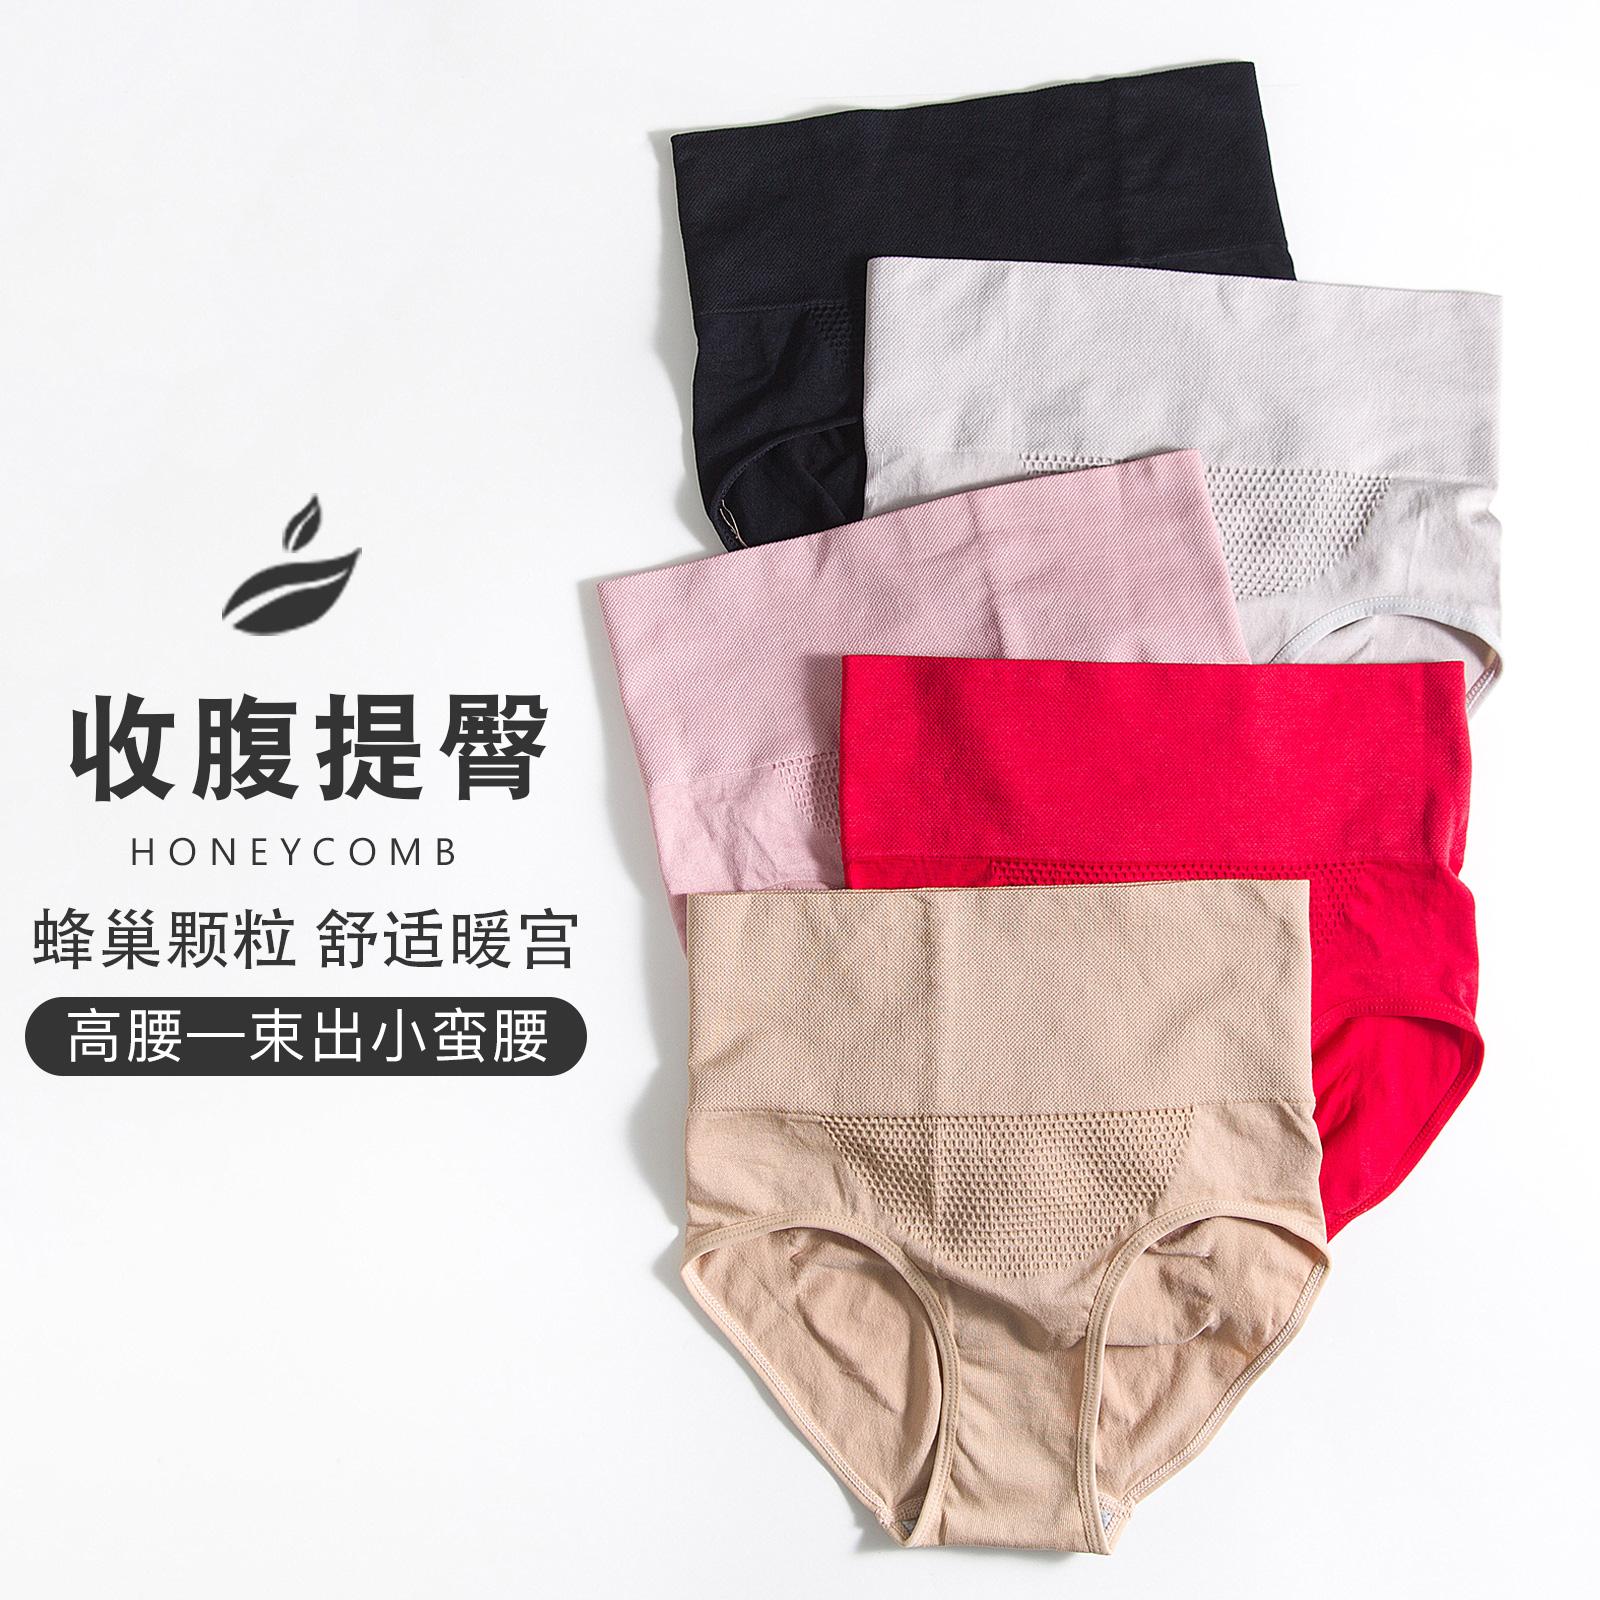 11月22日最新优惠高腰纯棉收腹夏天塑形束腰三角裤